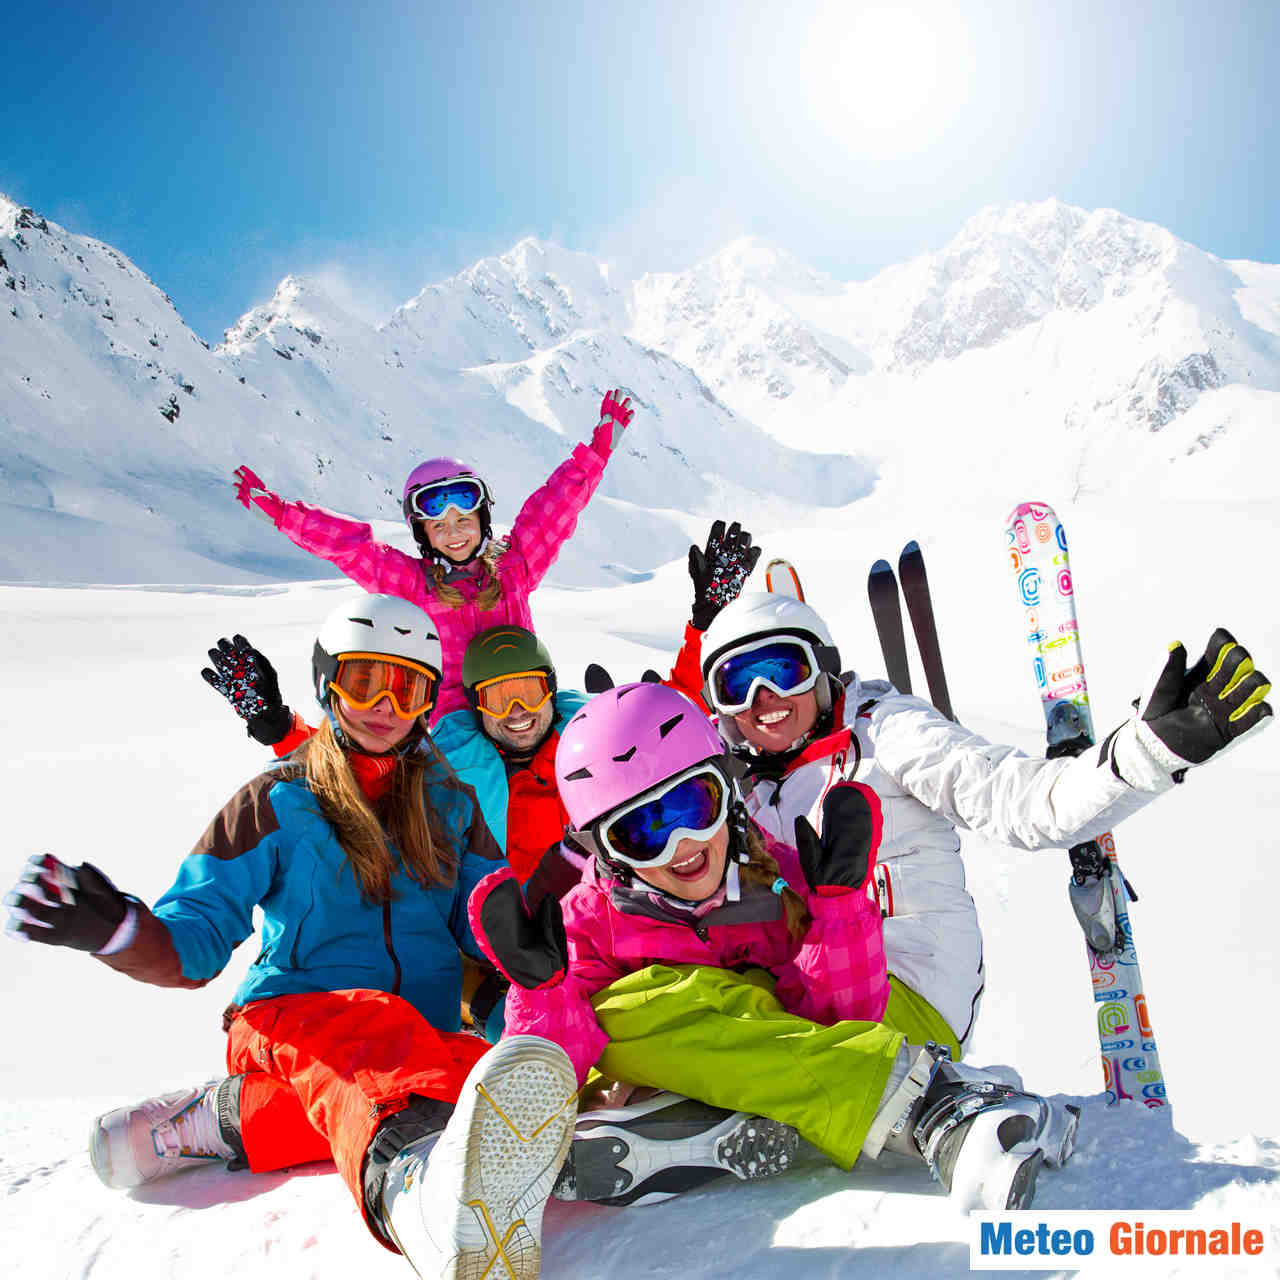 meteo giornale 00056 - ITALIA niente sci, attesa molta NEVE. Invece scarsa su Svizzera e Austria